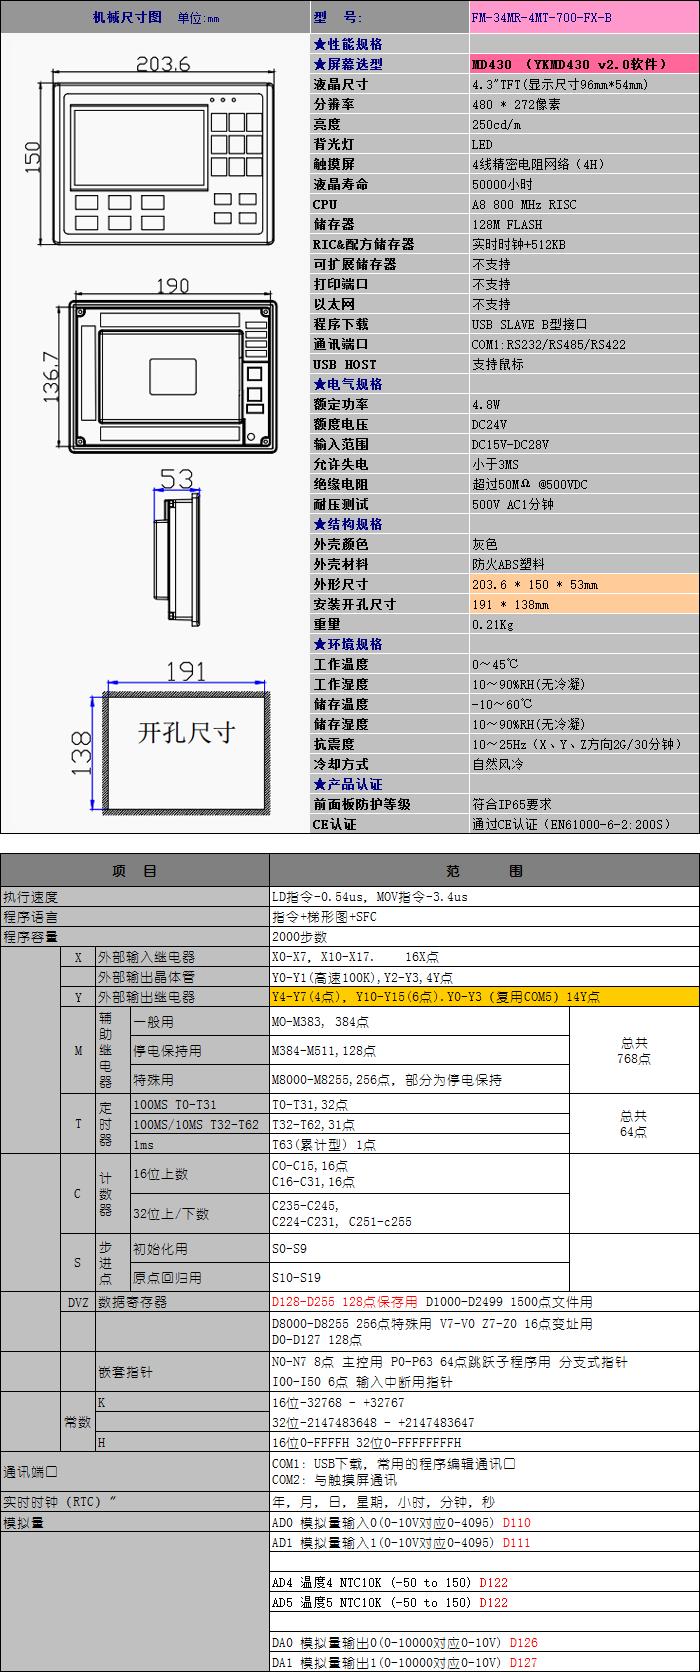 FM-34MR-4MT-700-FX-B屏PLC介绍.png